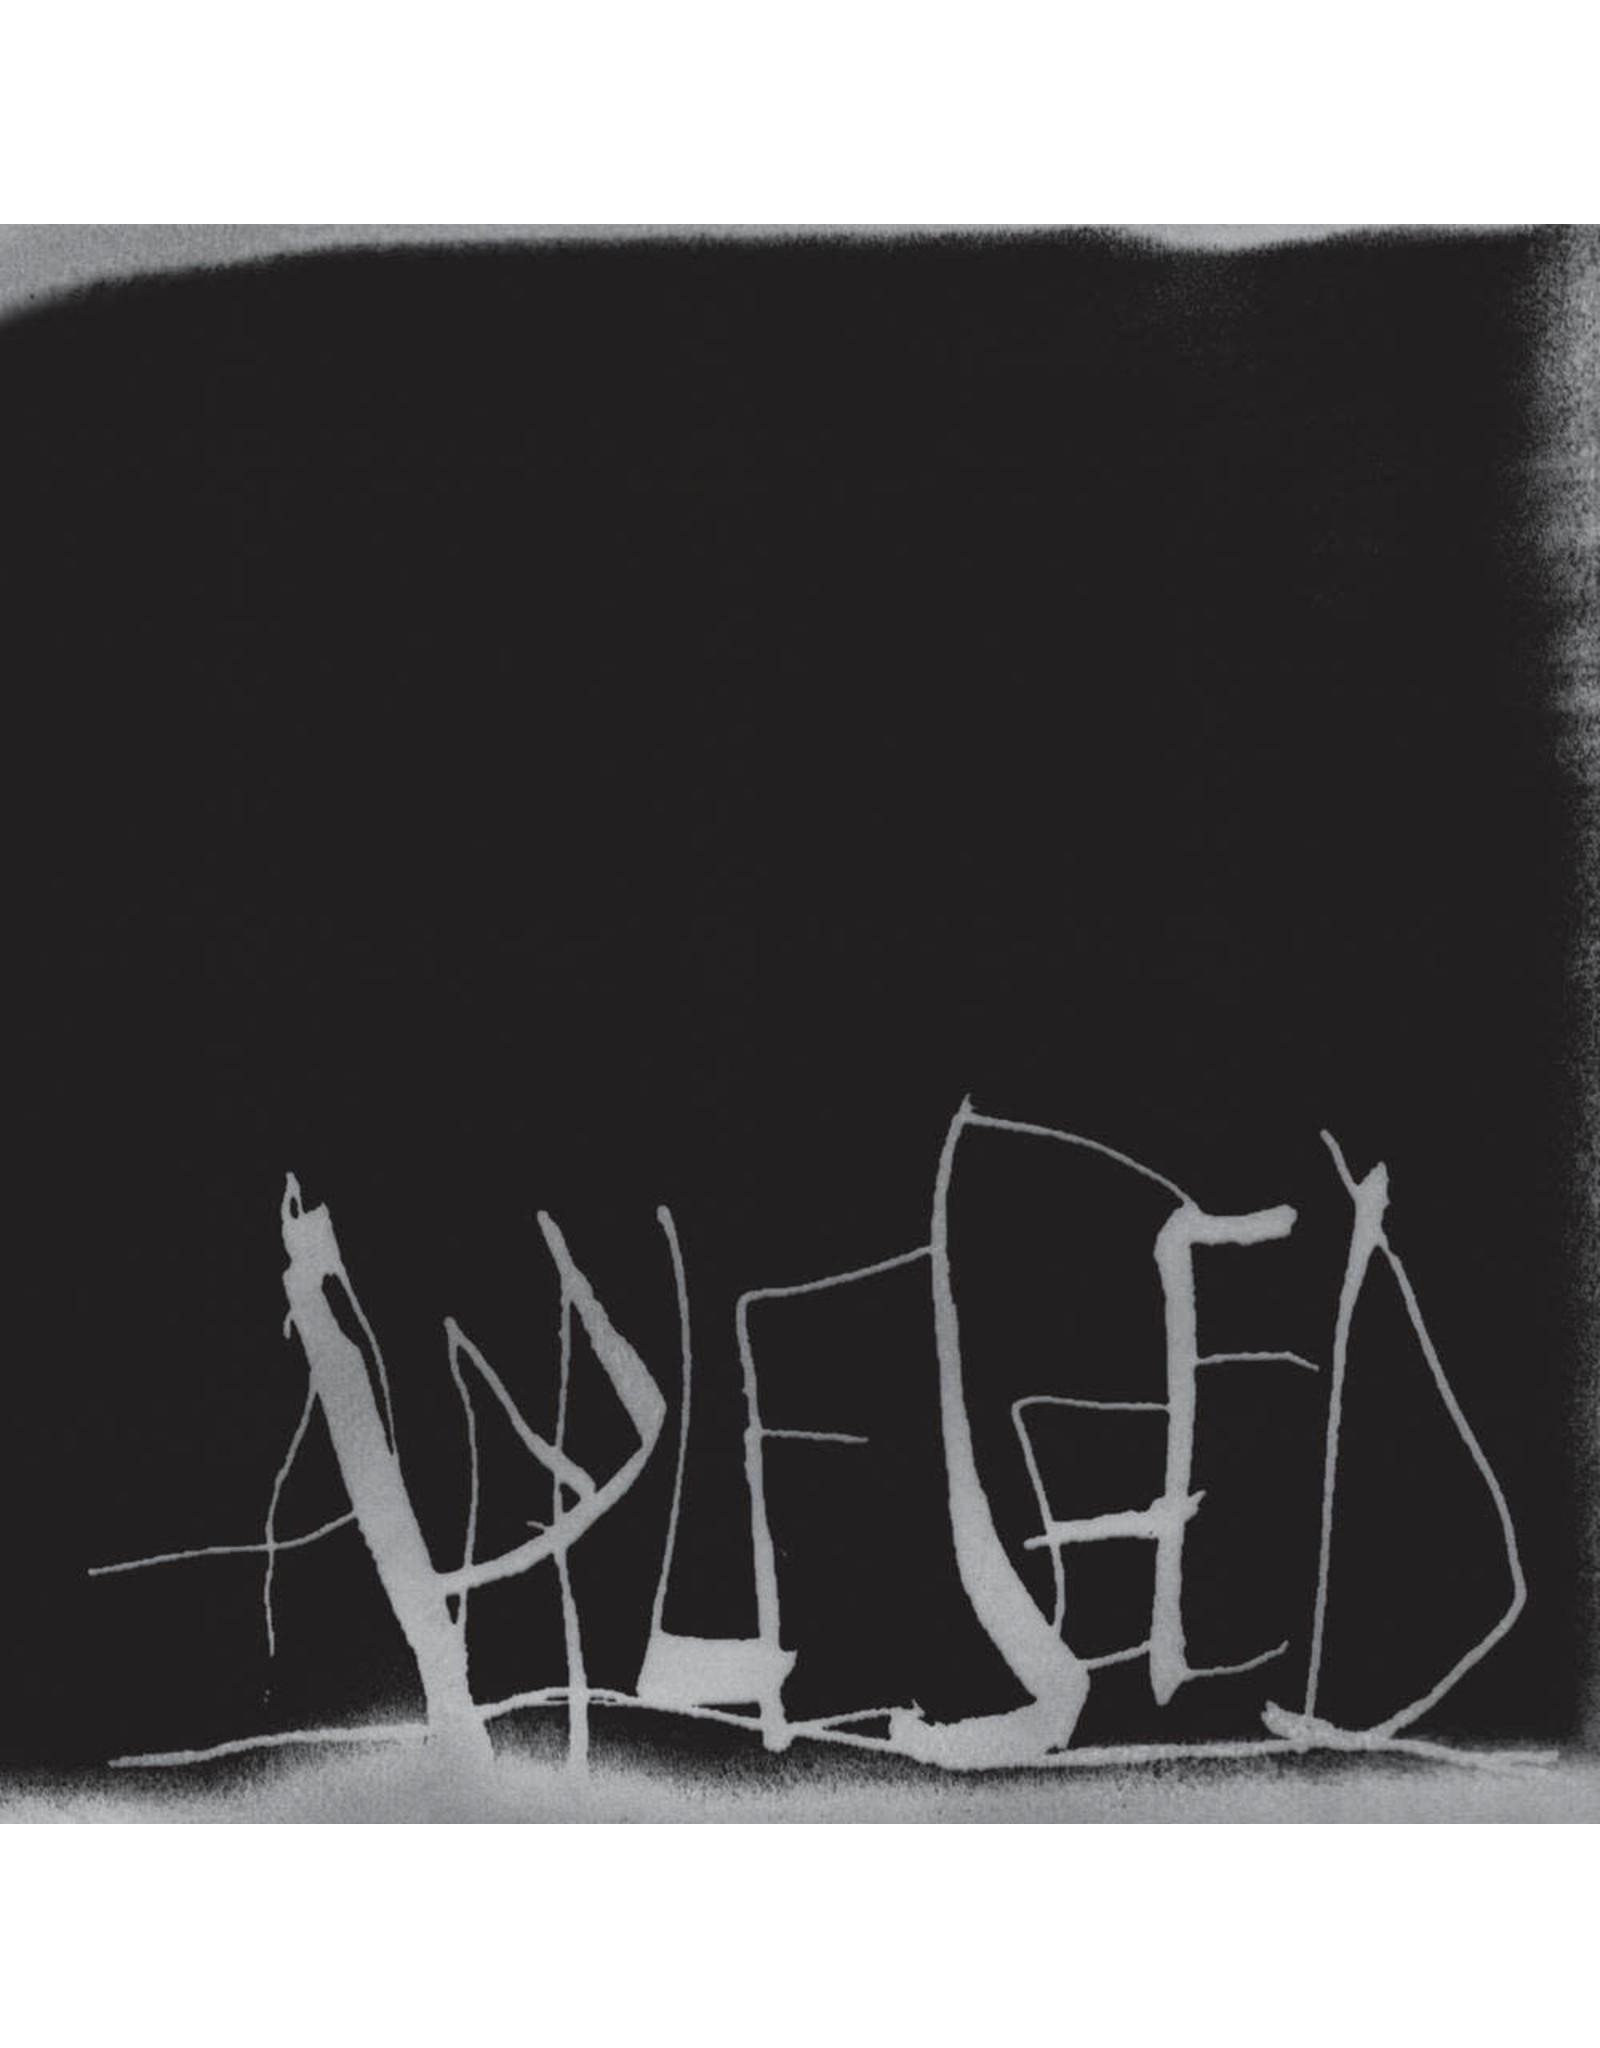 Aesop Rock - Appleseed LP (Indie Exclusive Smoke Vinyl)